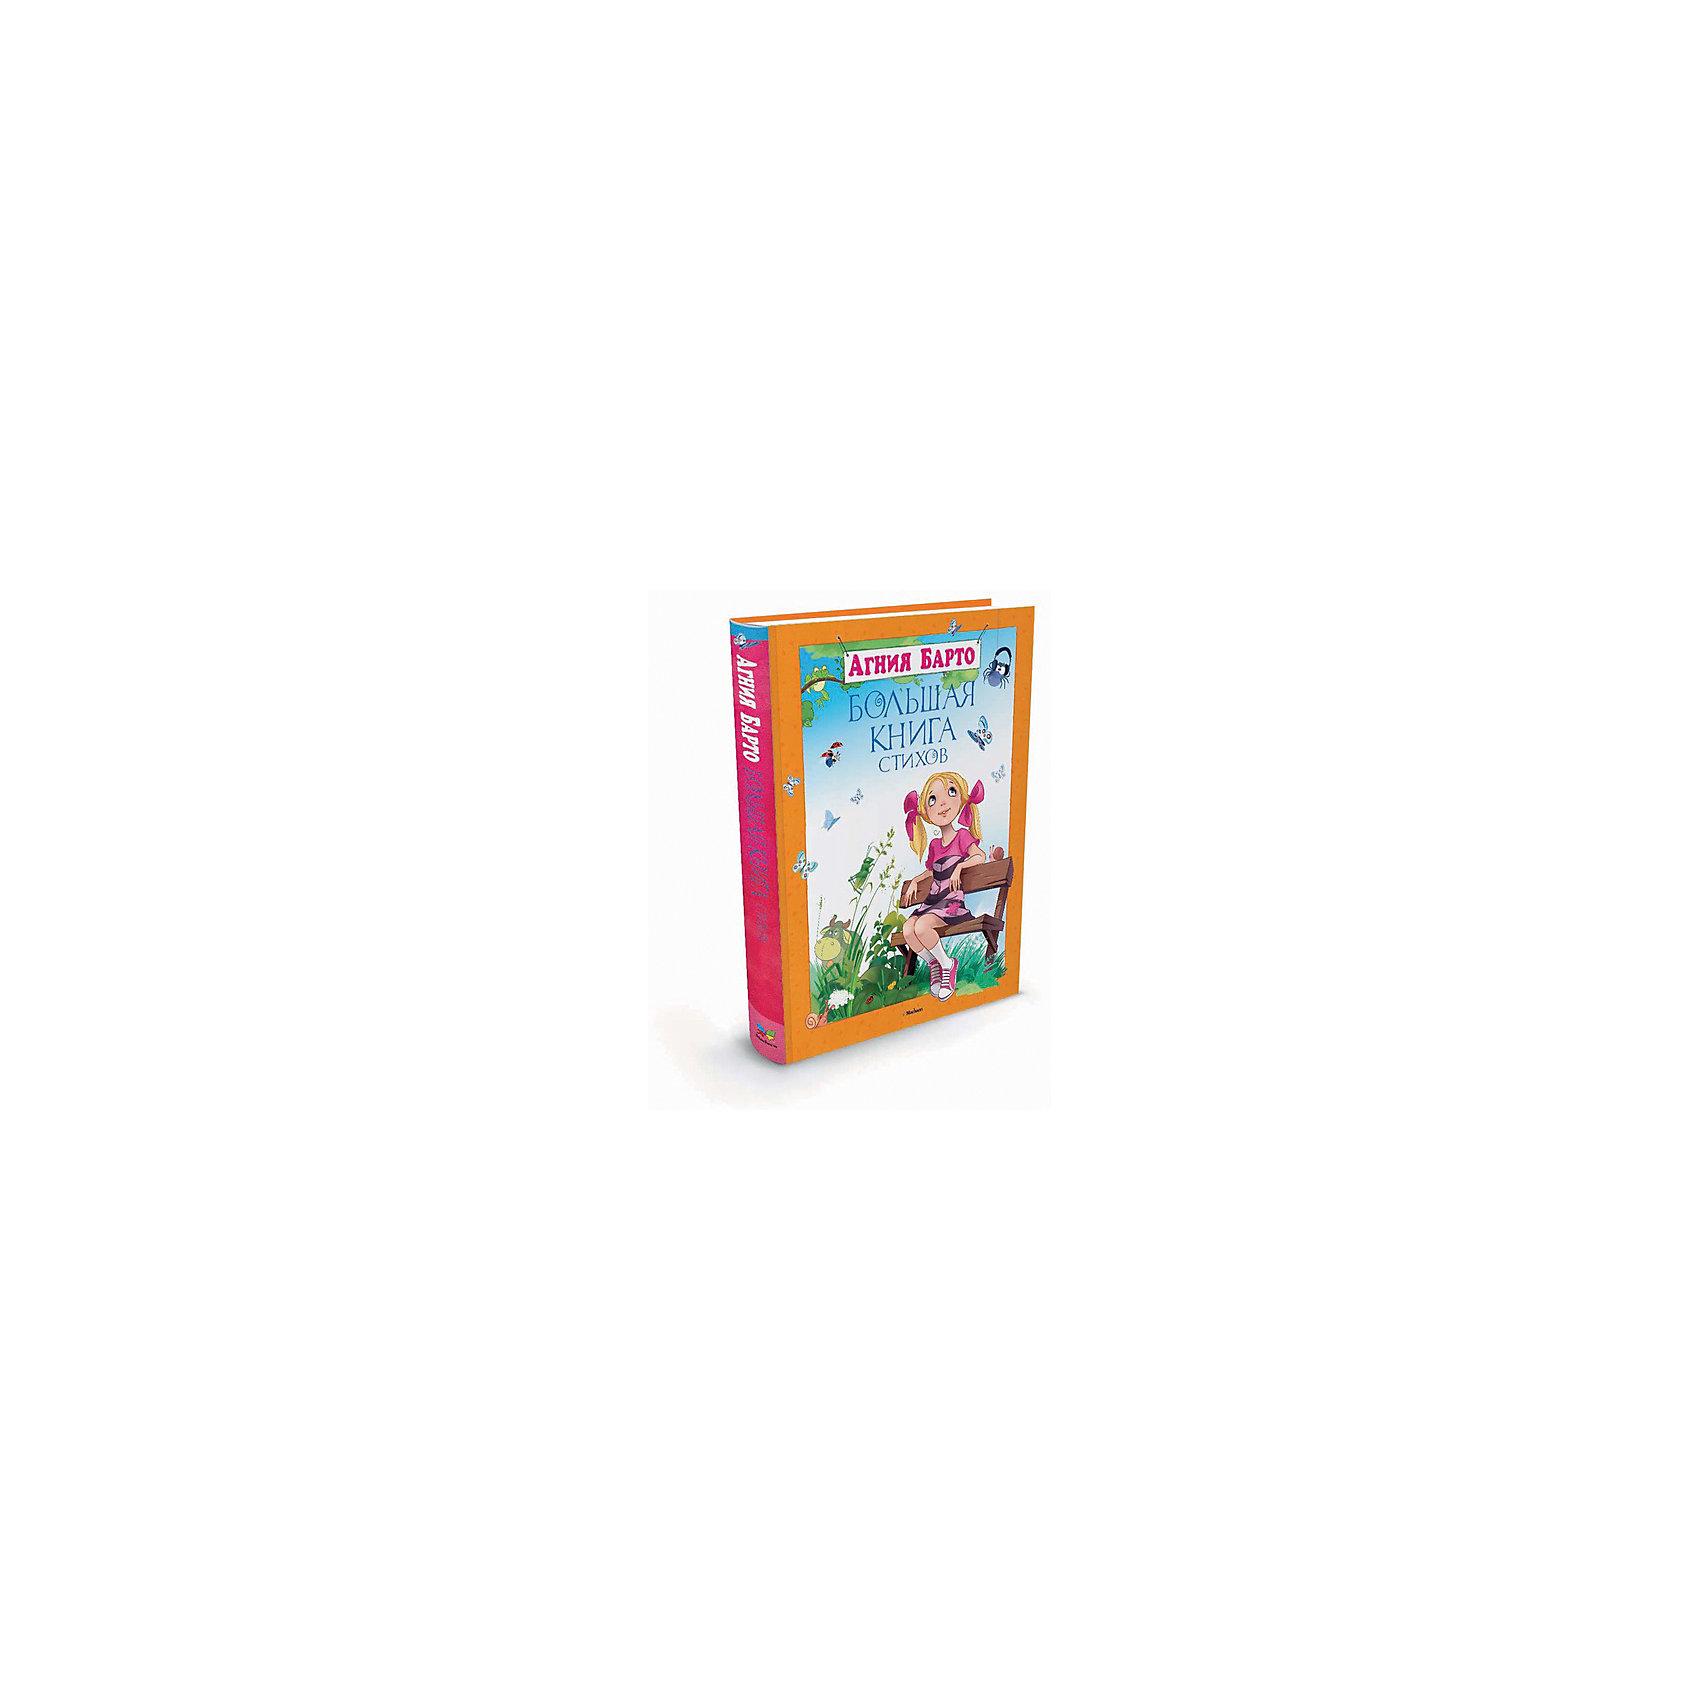 Большая книга стихов Агнии БартоСтихи Агнии Львовны Барто - это необыкновенная, удивительная страна детства, радости, веселья. Нет ни одного читателя, которого ее произведения оставили бы равнодушным. Добрые, трогательные, озорные стихотворения помогут ребенку по-иному взглянуть на окружающий мир и увидеть, сколько в нем разноцветных красок, света, улыбок. Вырастая, юный читатель еще не раз будет возвращаться к любимым стихотворениям, открывая для себя что-то новое и прекрасное.<br><br>Большая книга стихов Агнии Барто - несомненно, лучший подарок вашему ребенку! Пусть его знакомство с волшебным миром детской литературы начнется с этих замечательных стихотворений!<br><br>Ширина мм: 293<br>Глубина мм: 217<br>Высота мм: 170<br>Вес г: 728<br>Возраст от месяцев: 36<br>Возраст до месяцев: 72<br>Пол: Унисекс<br>Возраст: Детский<br>SKU: 5493505